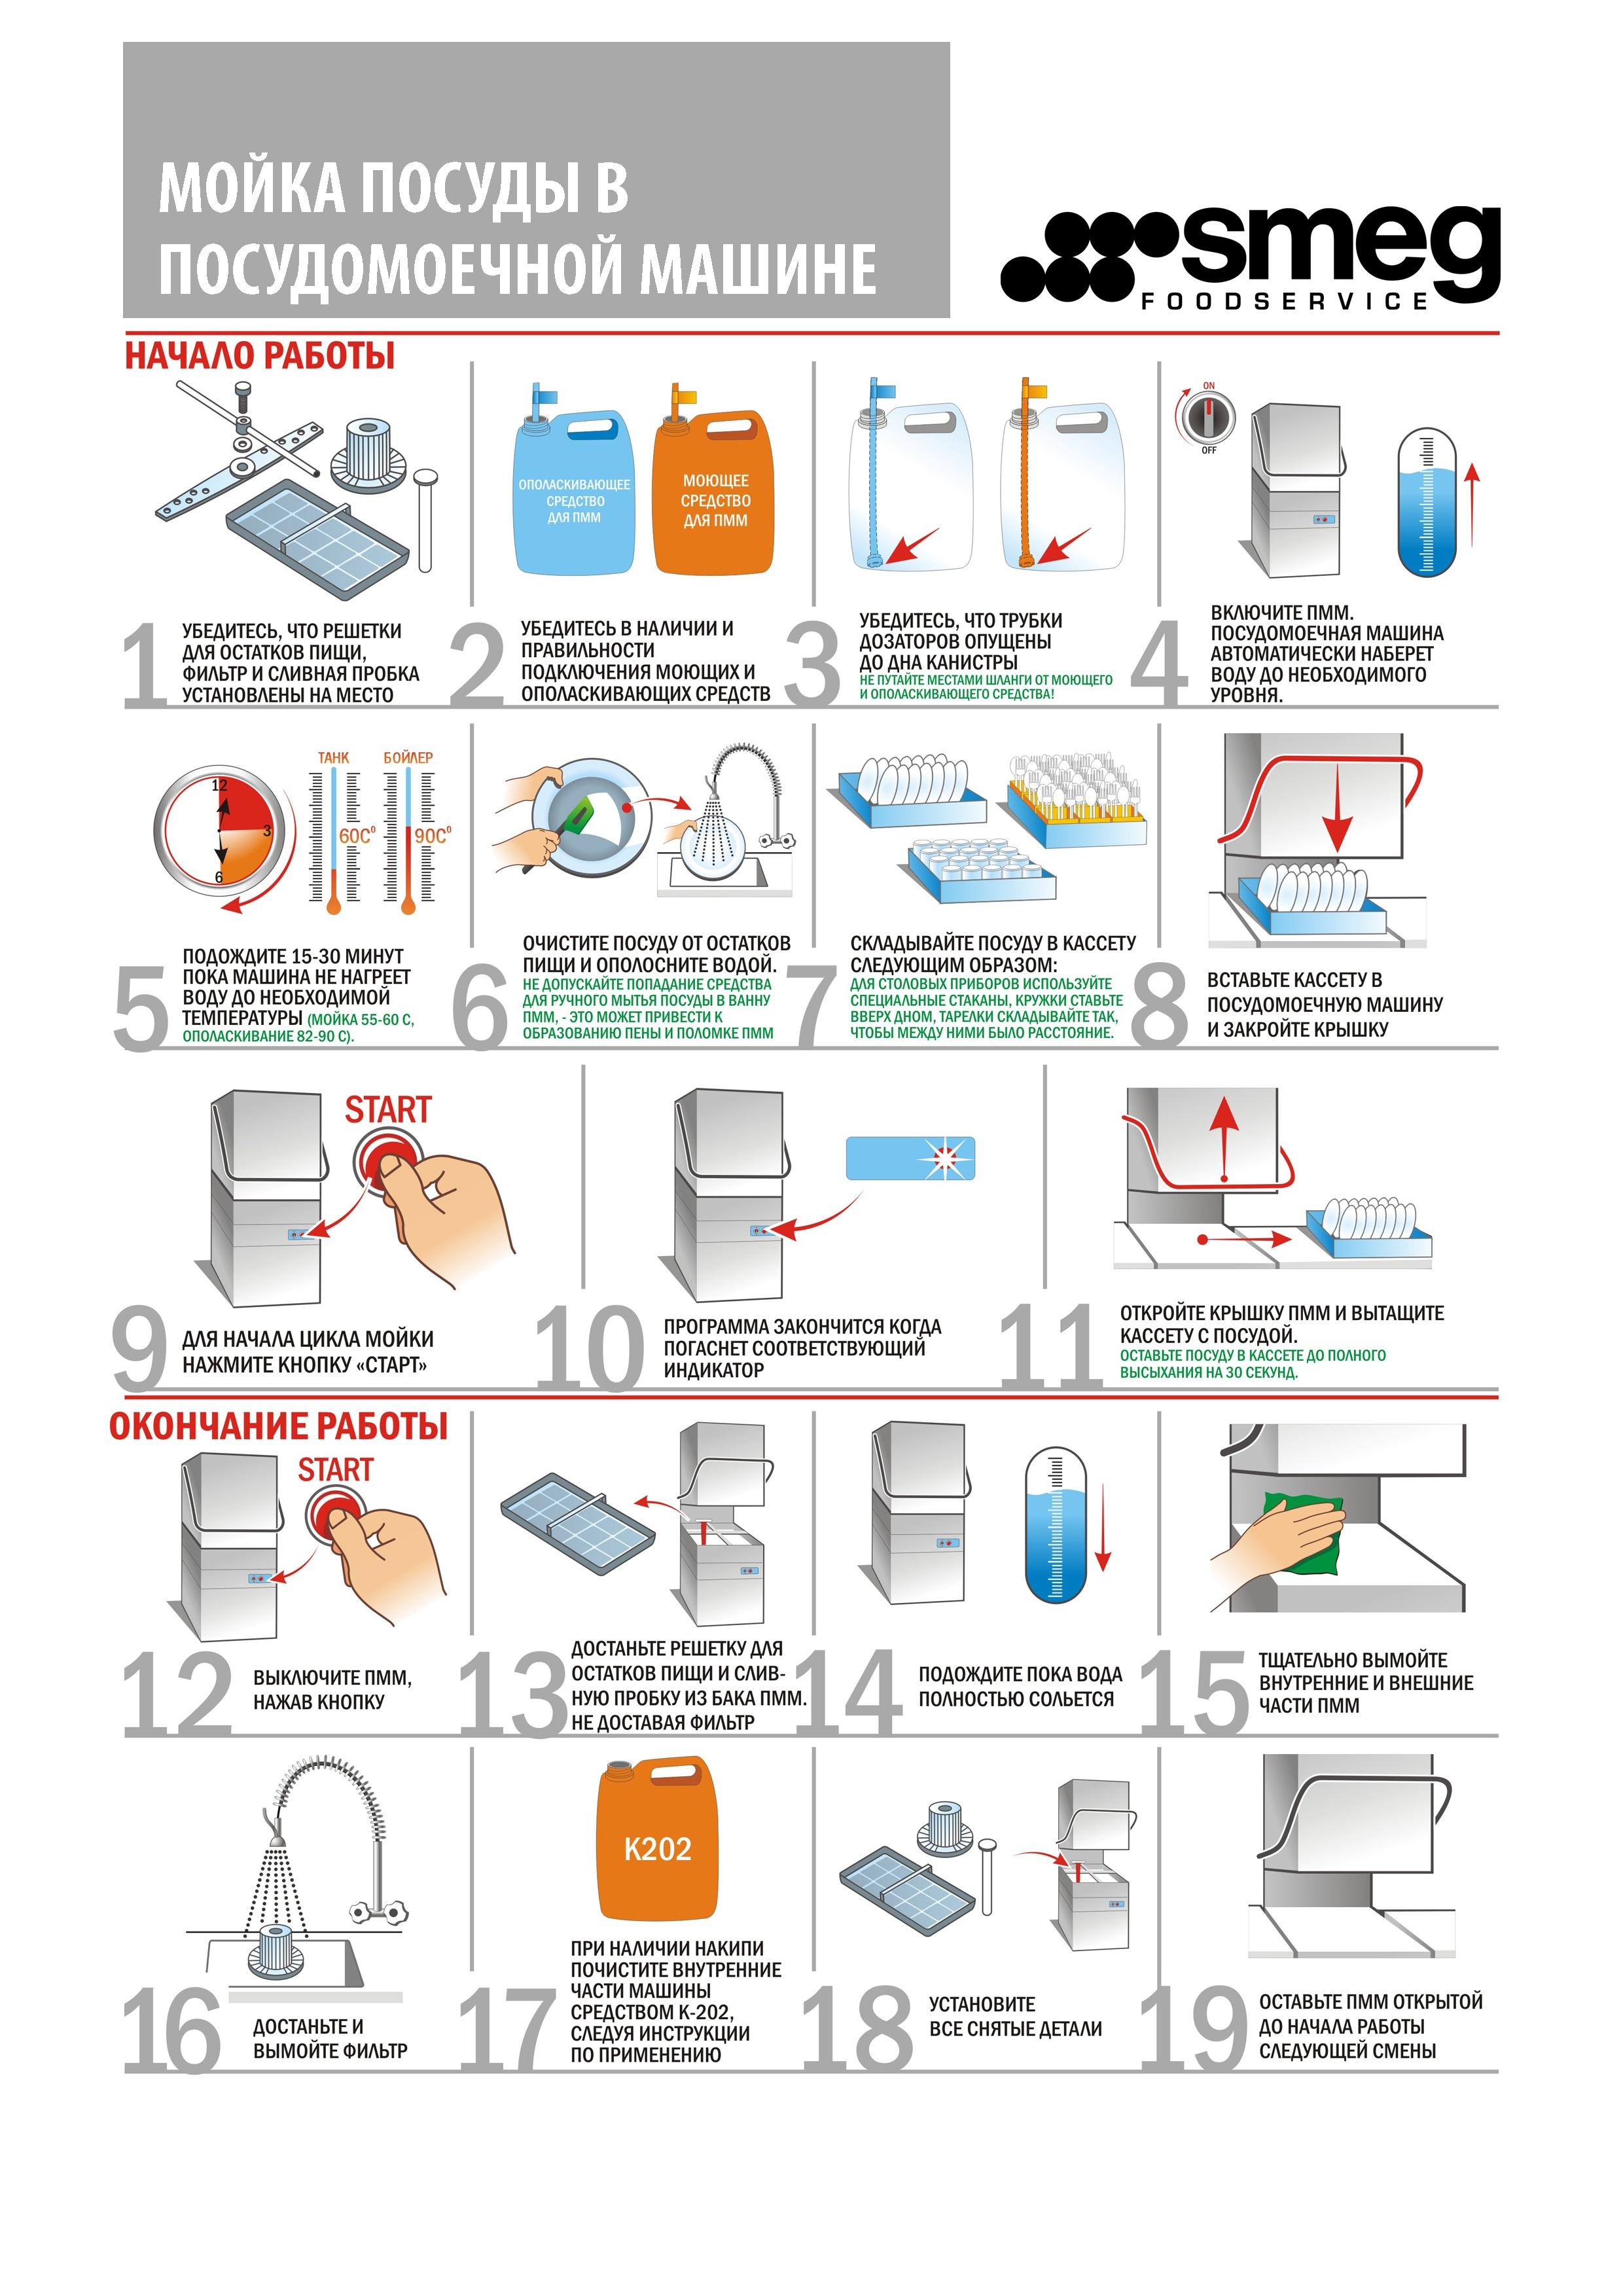 Смотреть Принцип работы посудомоечной машины видео